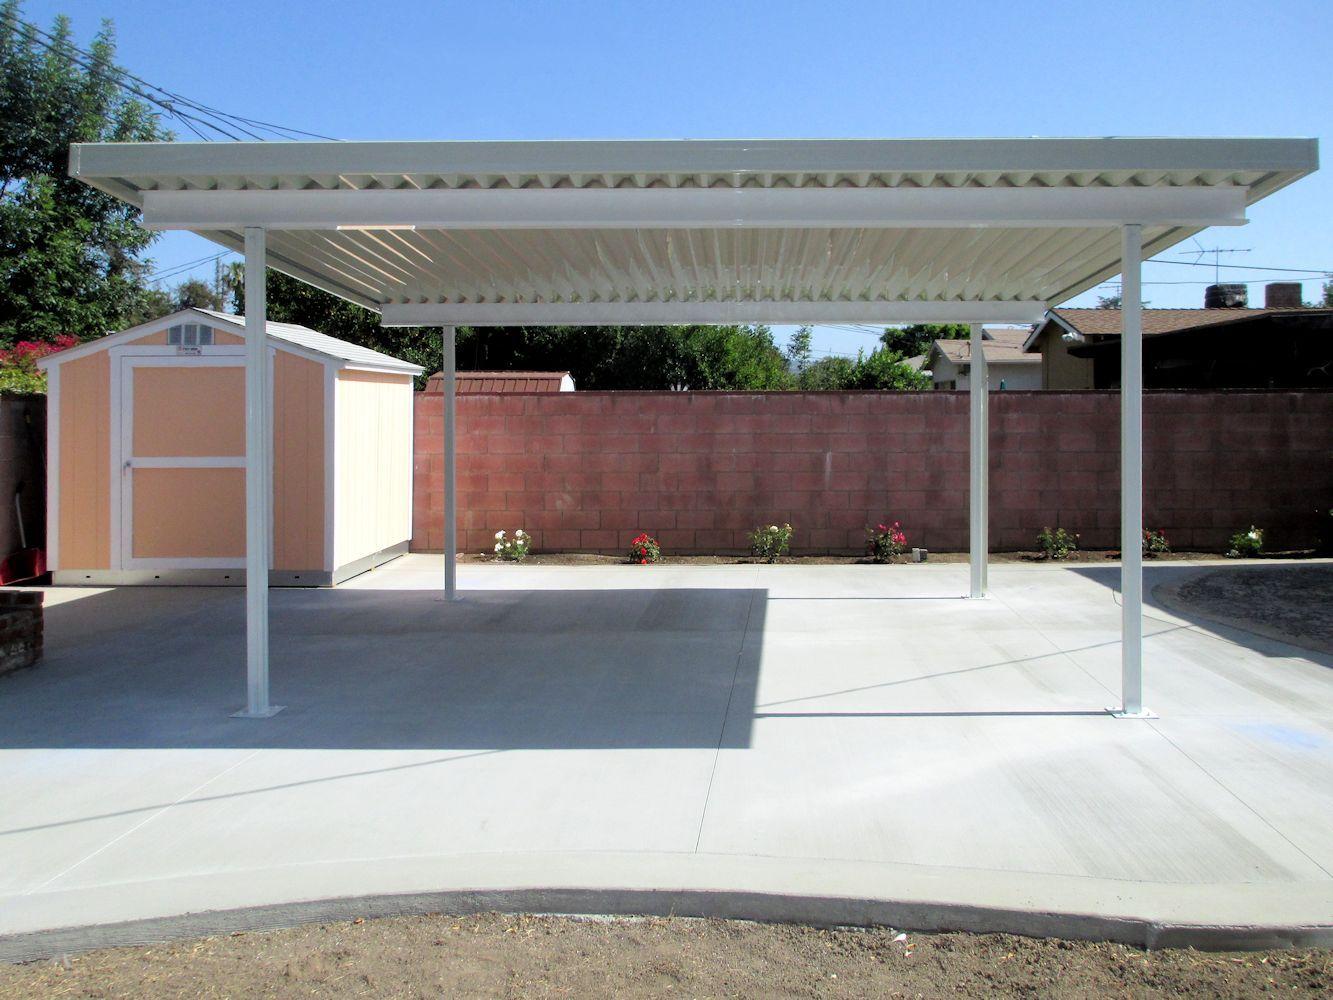 Carports Superior Awning Casas, Patios, Garages